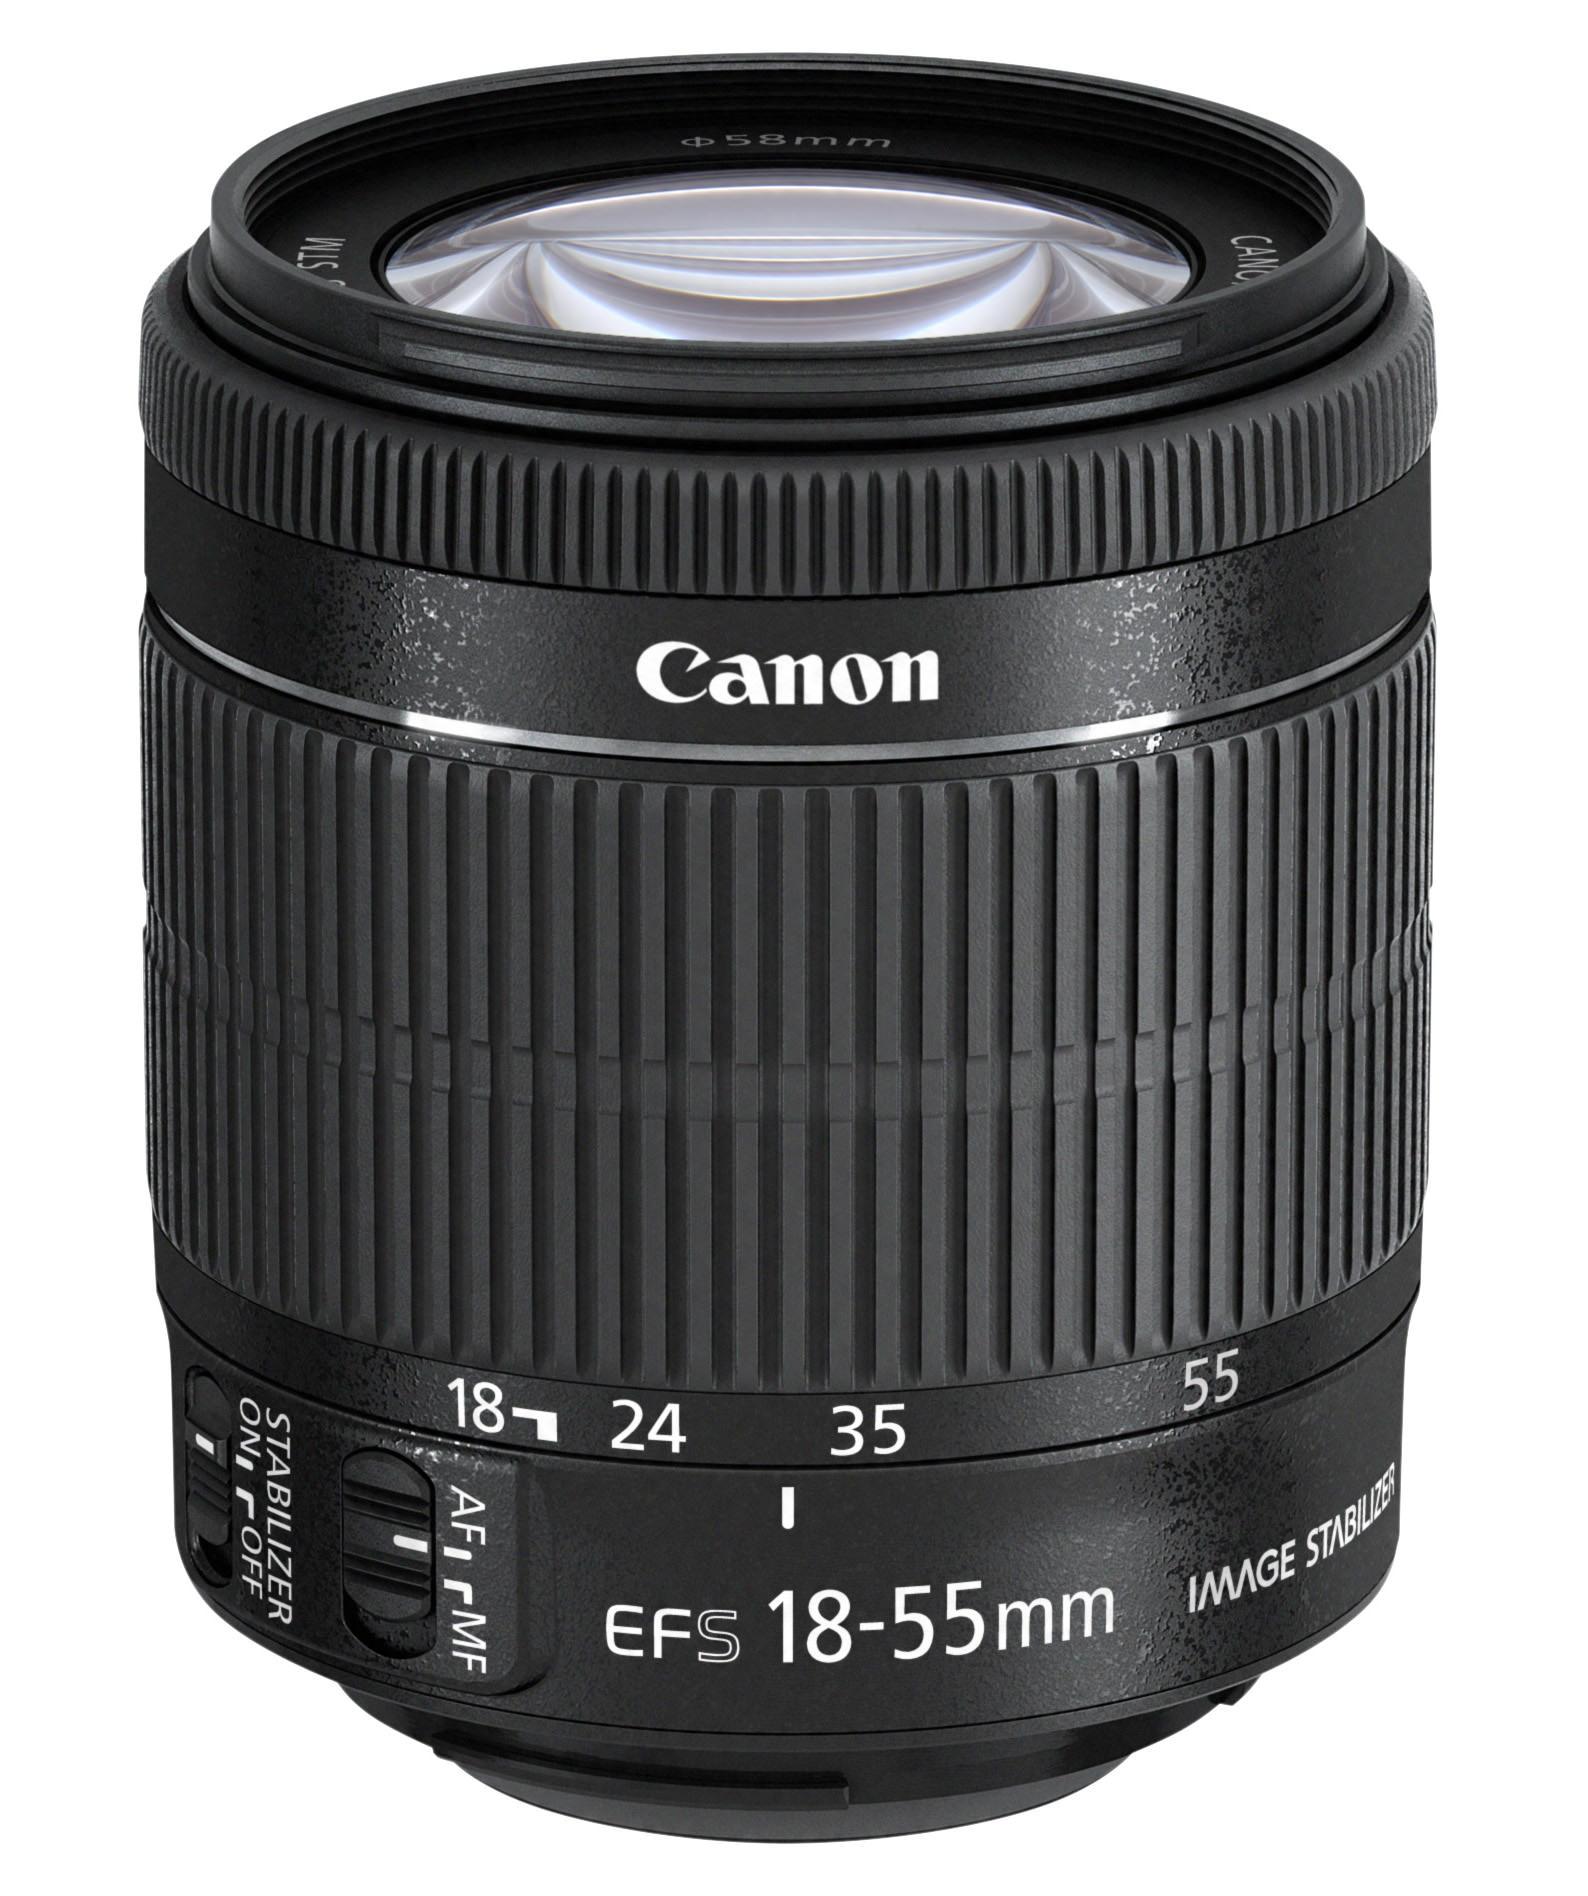 canon ef s 18 55mm f 3 5 5 6 is stm lens. Black Bedroom Furniture Sets. Home Design Ideas